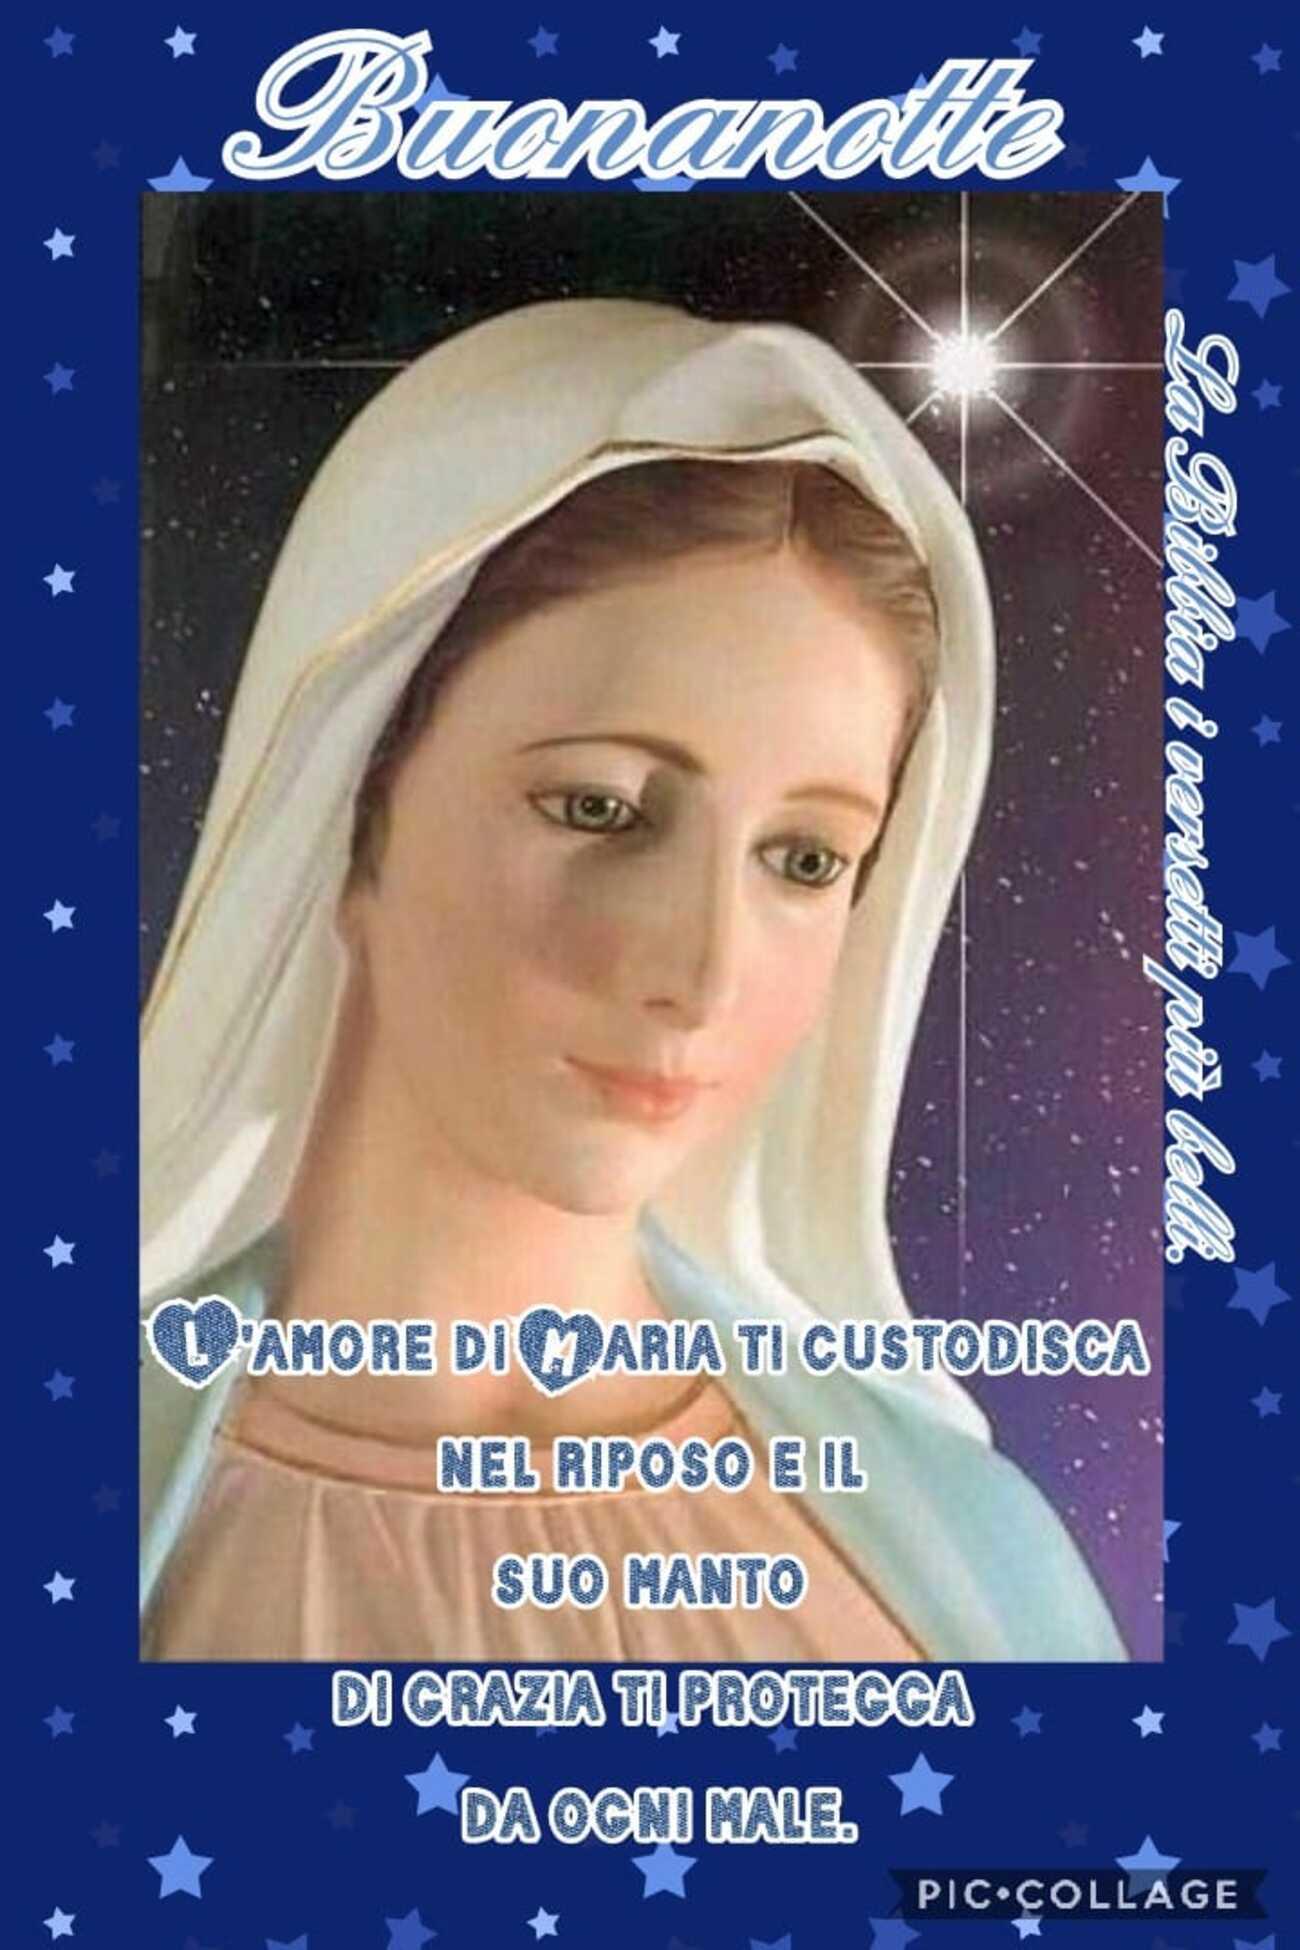 Buonanotte con la Madonna immagini nuovissime (4)